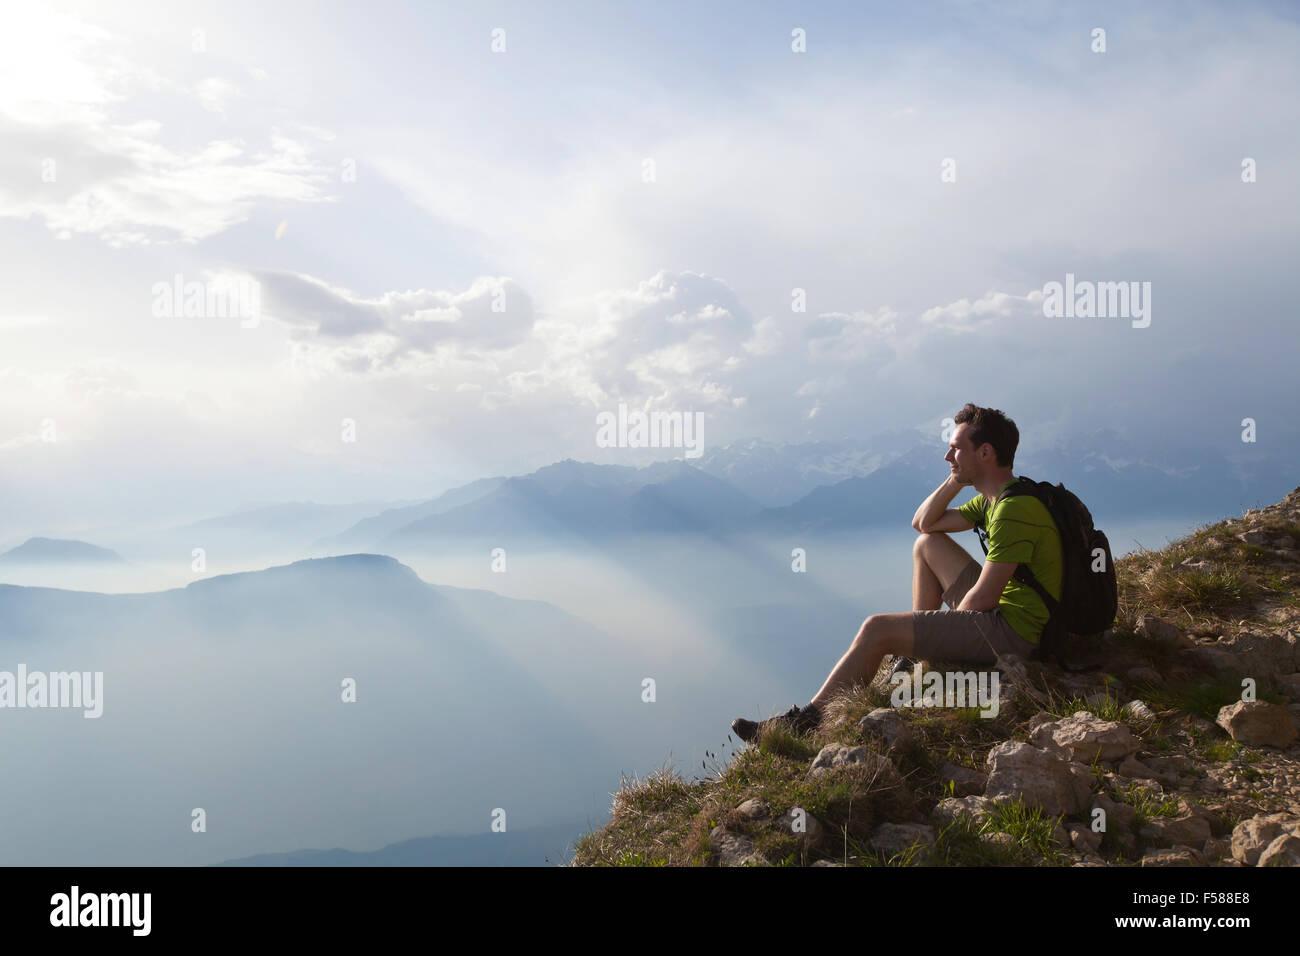 Traveler godendo di una vista panoramica durante l'escursione, bello sfondo con paesaggio di montagna Immagini Stock